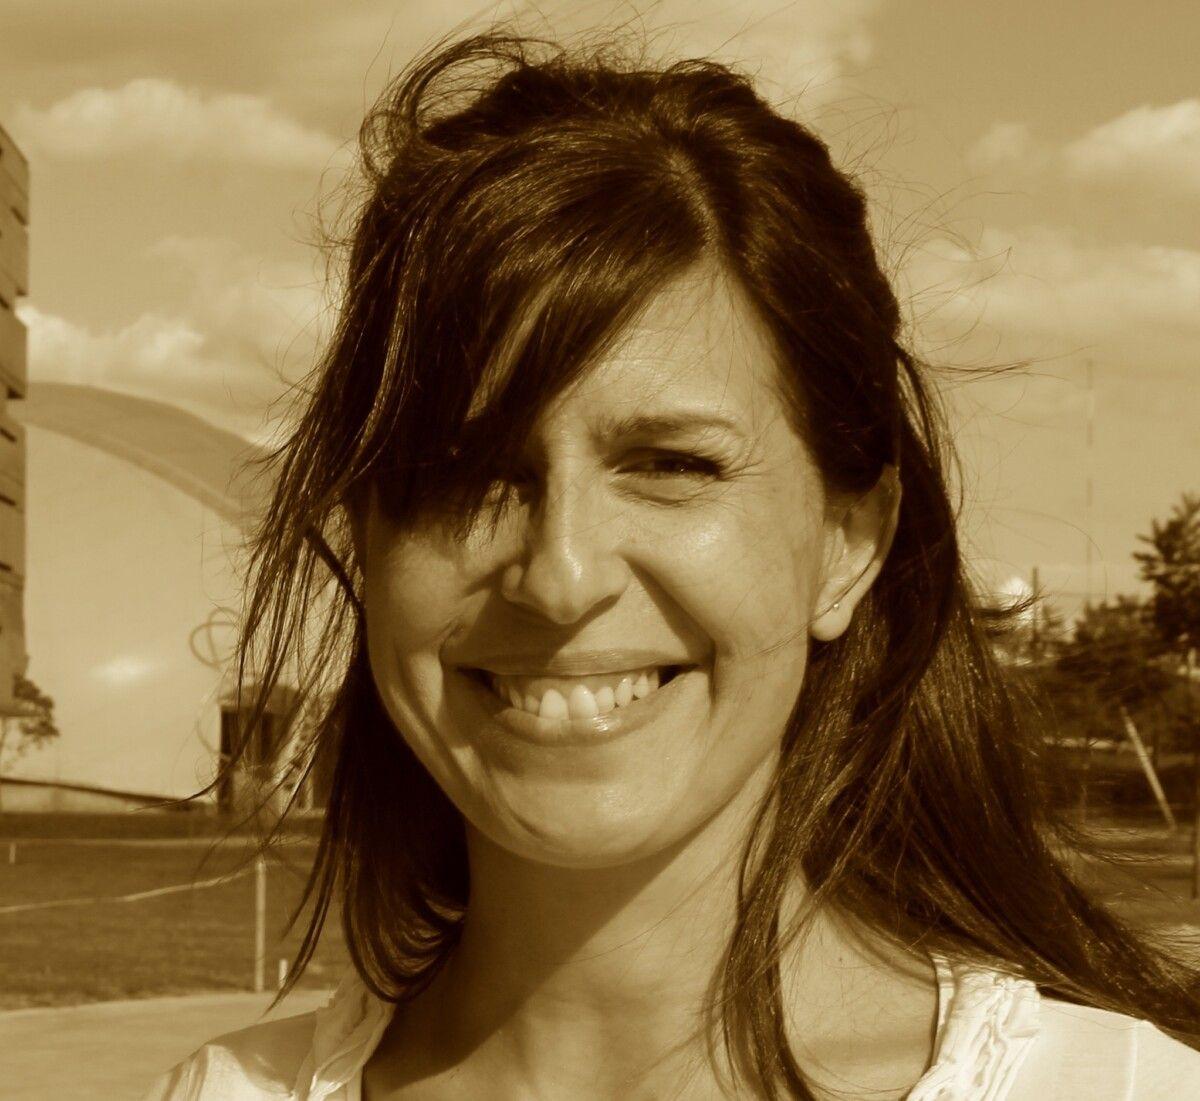 Tramas Mariana-Heredia Conversando con Mariana Heredia  Revista Tramas